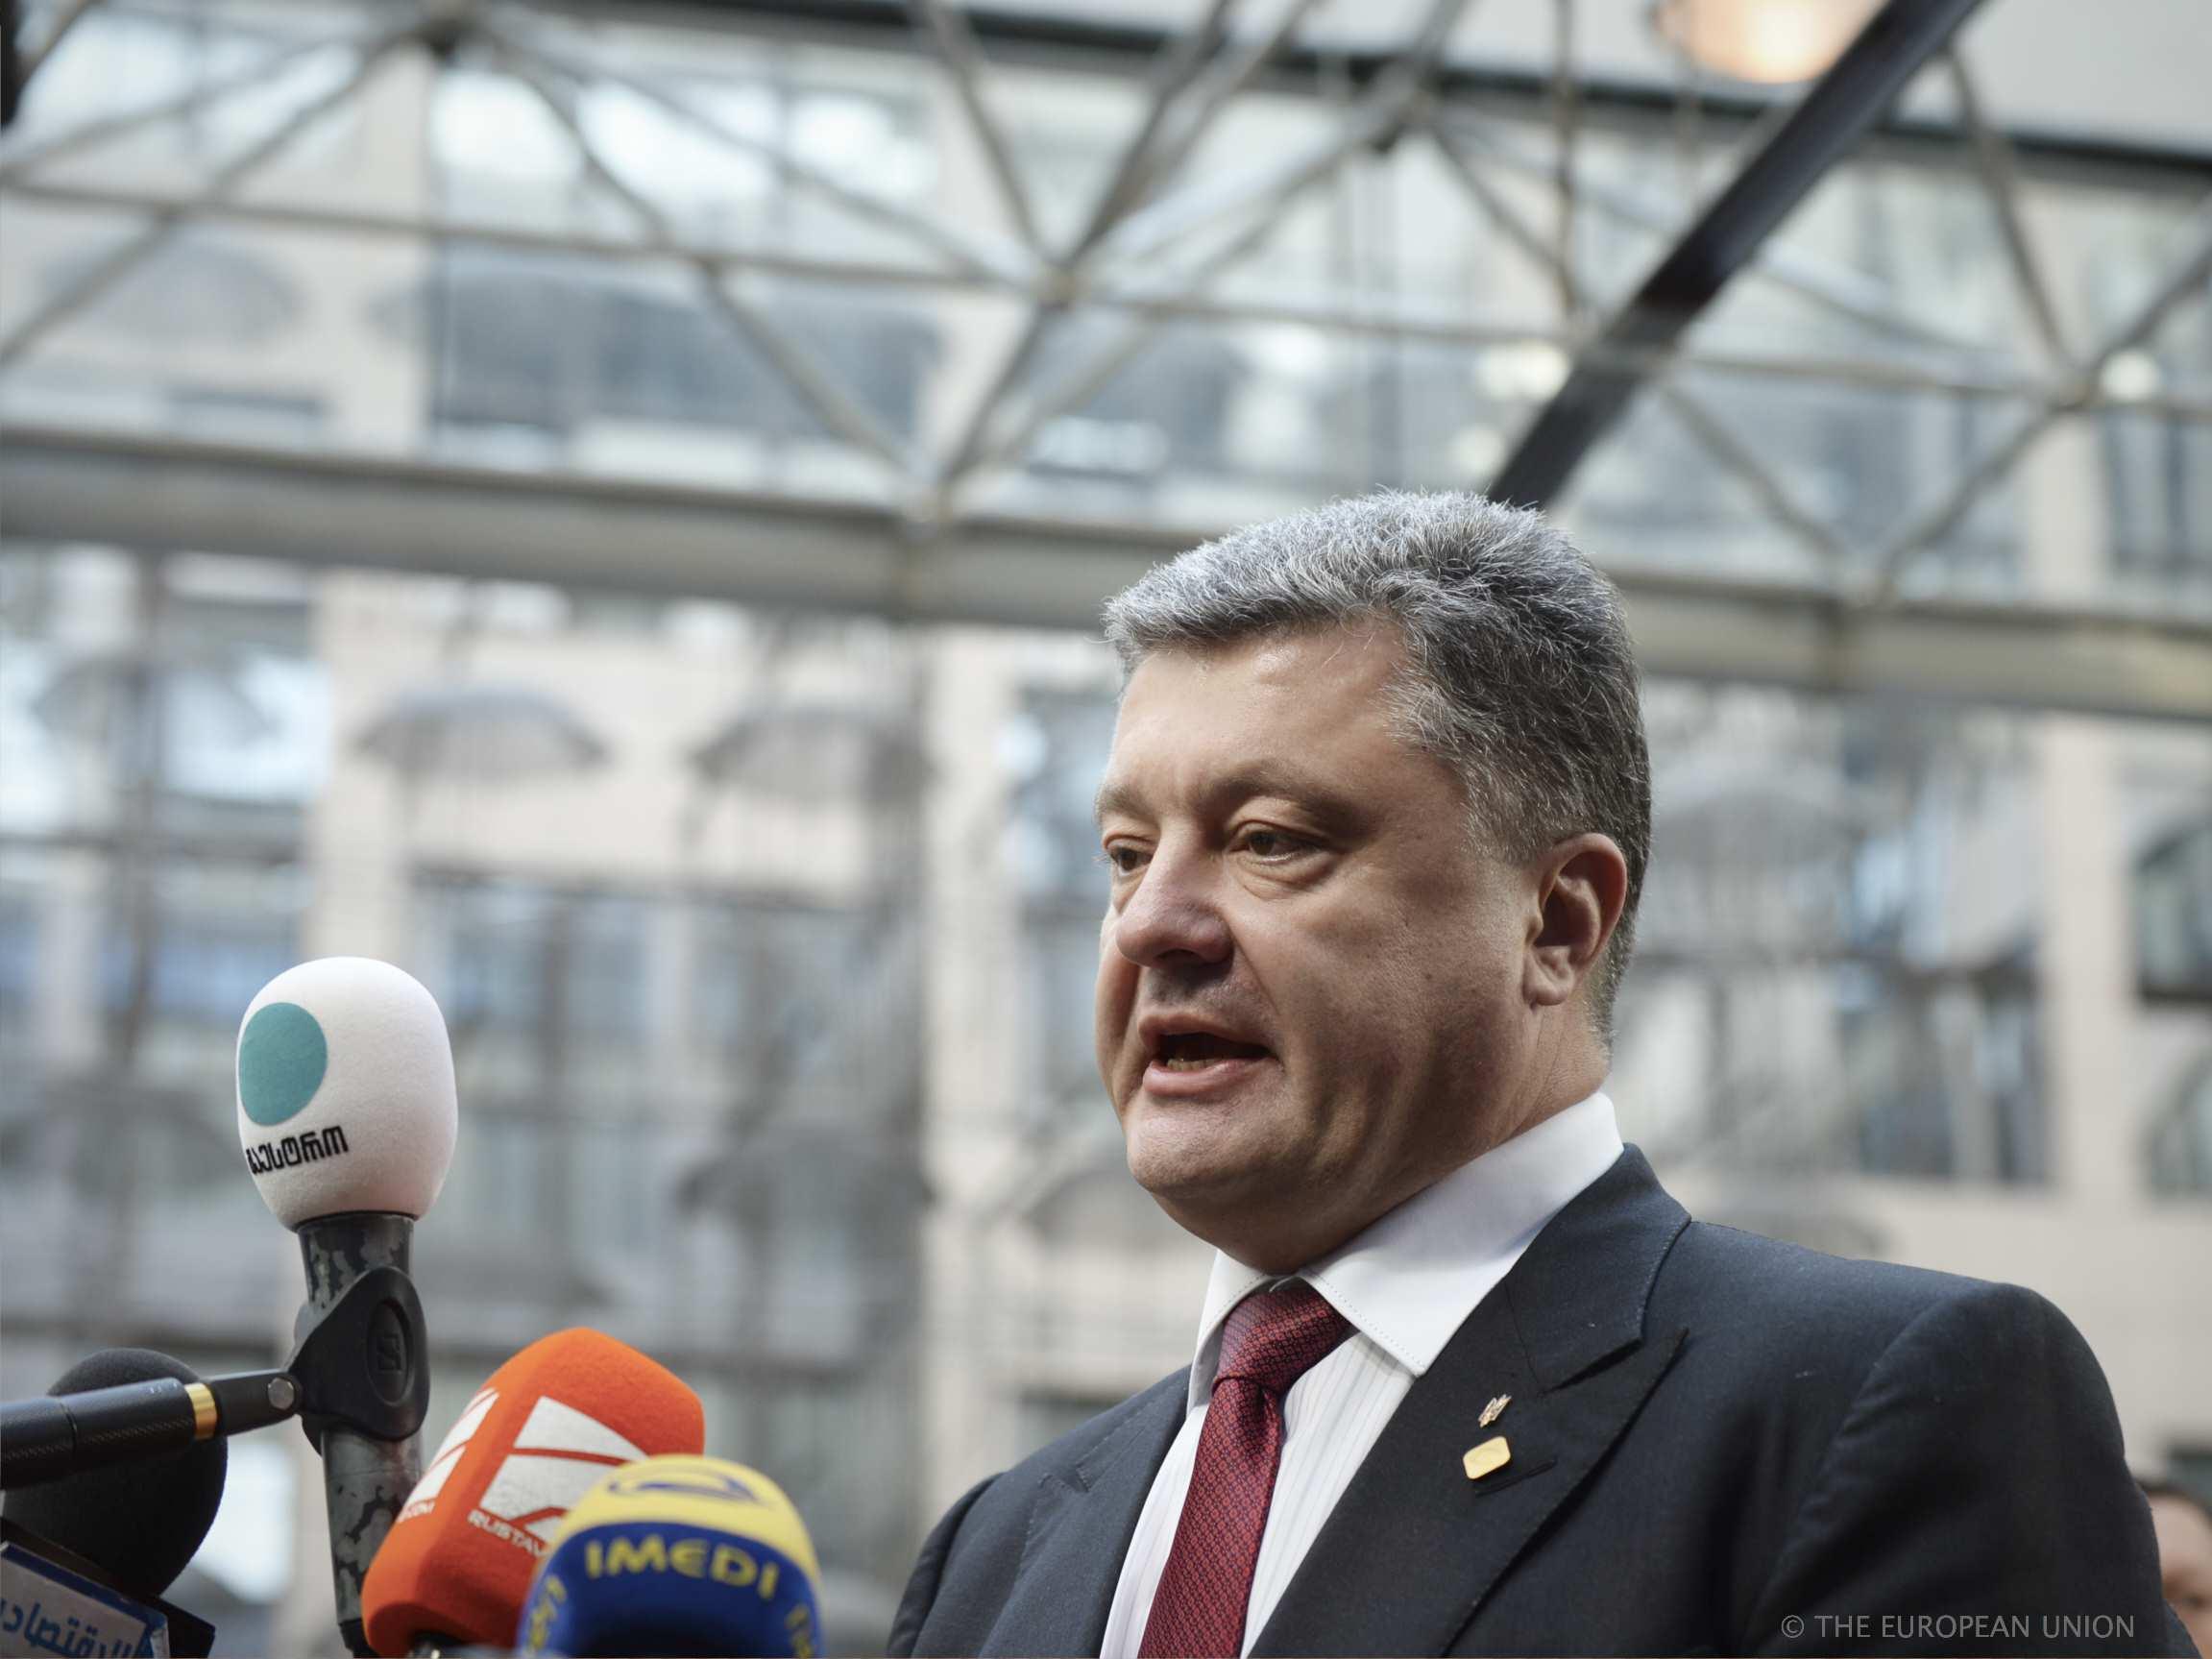 Le président ukrainien Petro Porochenko au sommet européen - Bruxelles - 27 juin 2014 - ©European Union